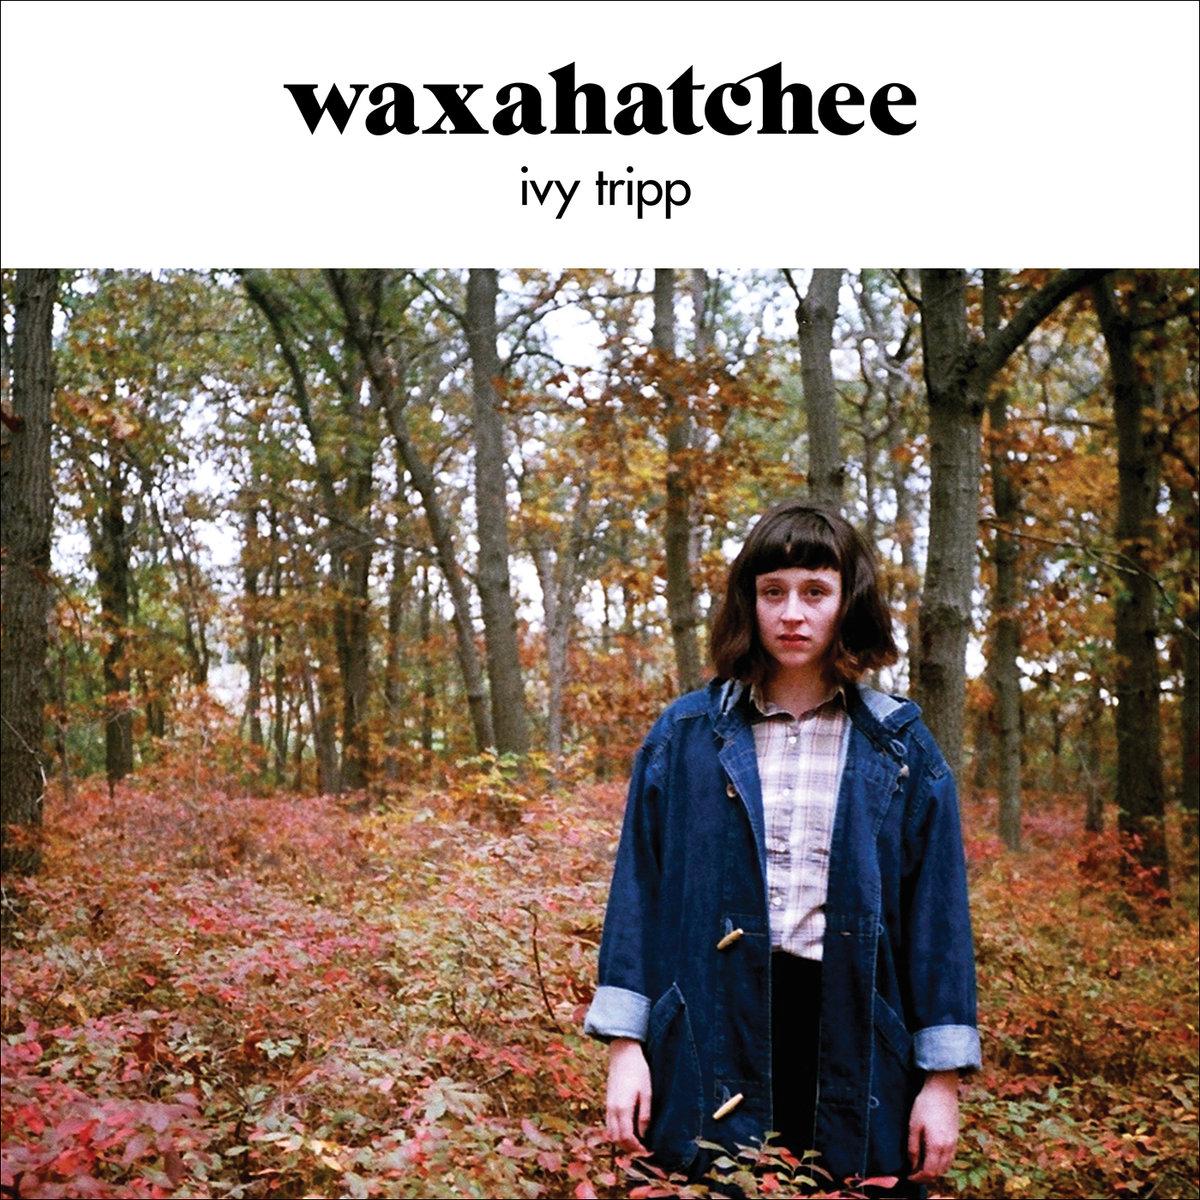 waxahatchee-ivy-trip.jpg